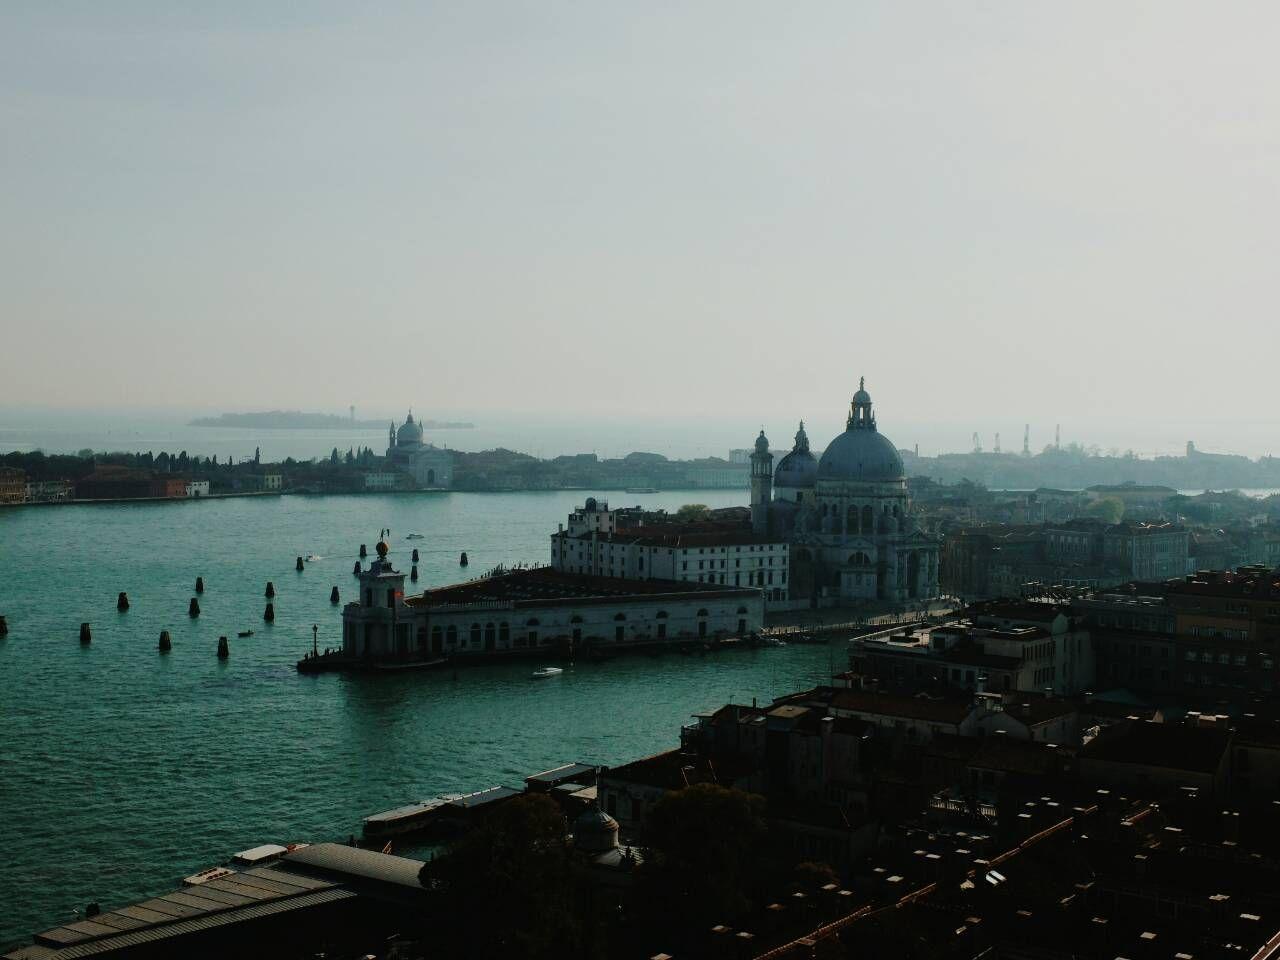 王道なヴェネツィアを眺めるならリアルト橋と鐘楼から